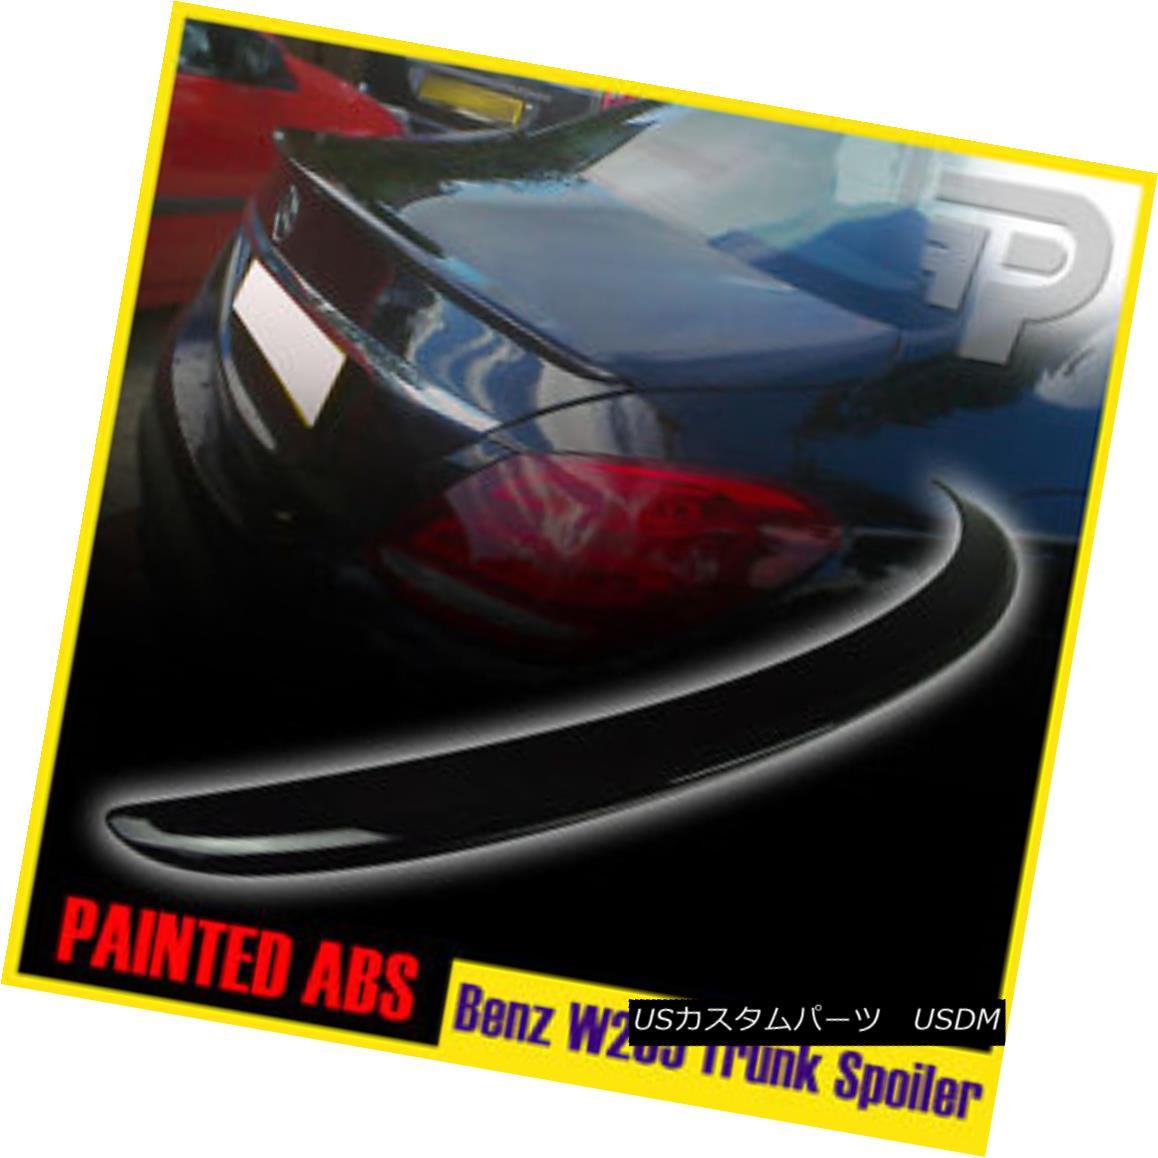 エアロパーツ PAINTED #040 MERCEDES BENZ C-CLASS W205 A TYPE REAR TRUNK SPOILER WING SEDAN▼ 塗装#040メルセデスベンツCクラスW205 Aタイプリヤトランクスポイラーウイングセダン?